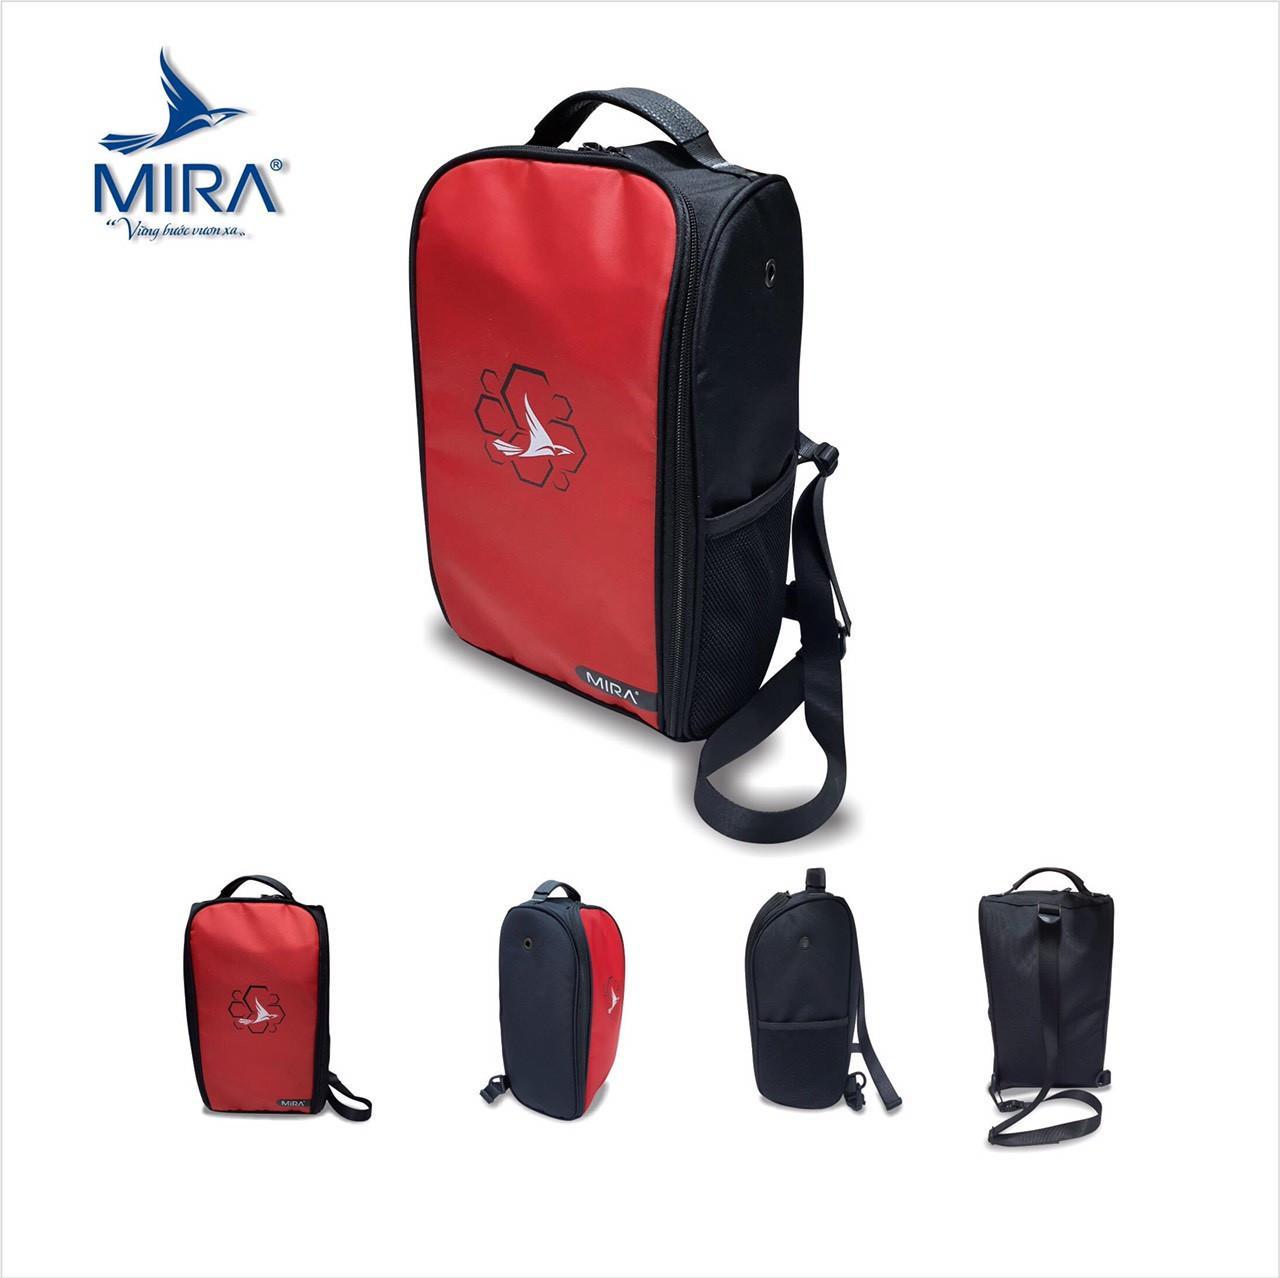 Túi đeo chéo thể thao Mira cao cấp màu đỏ